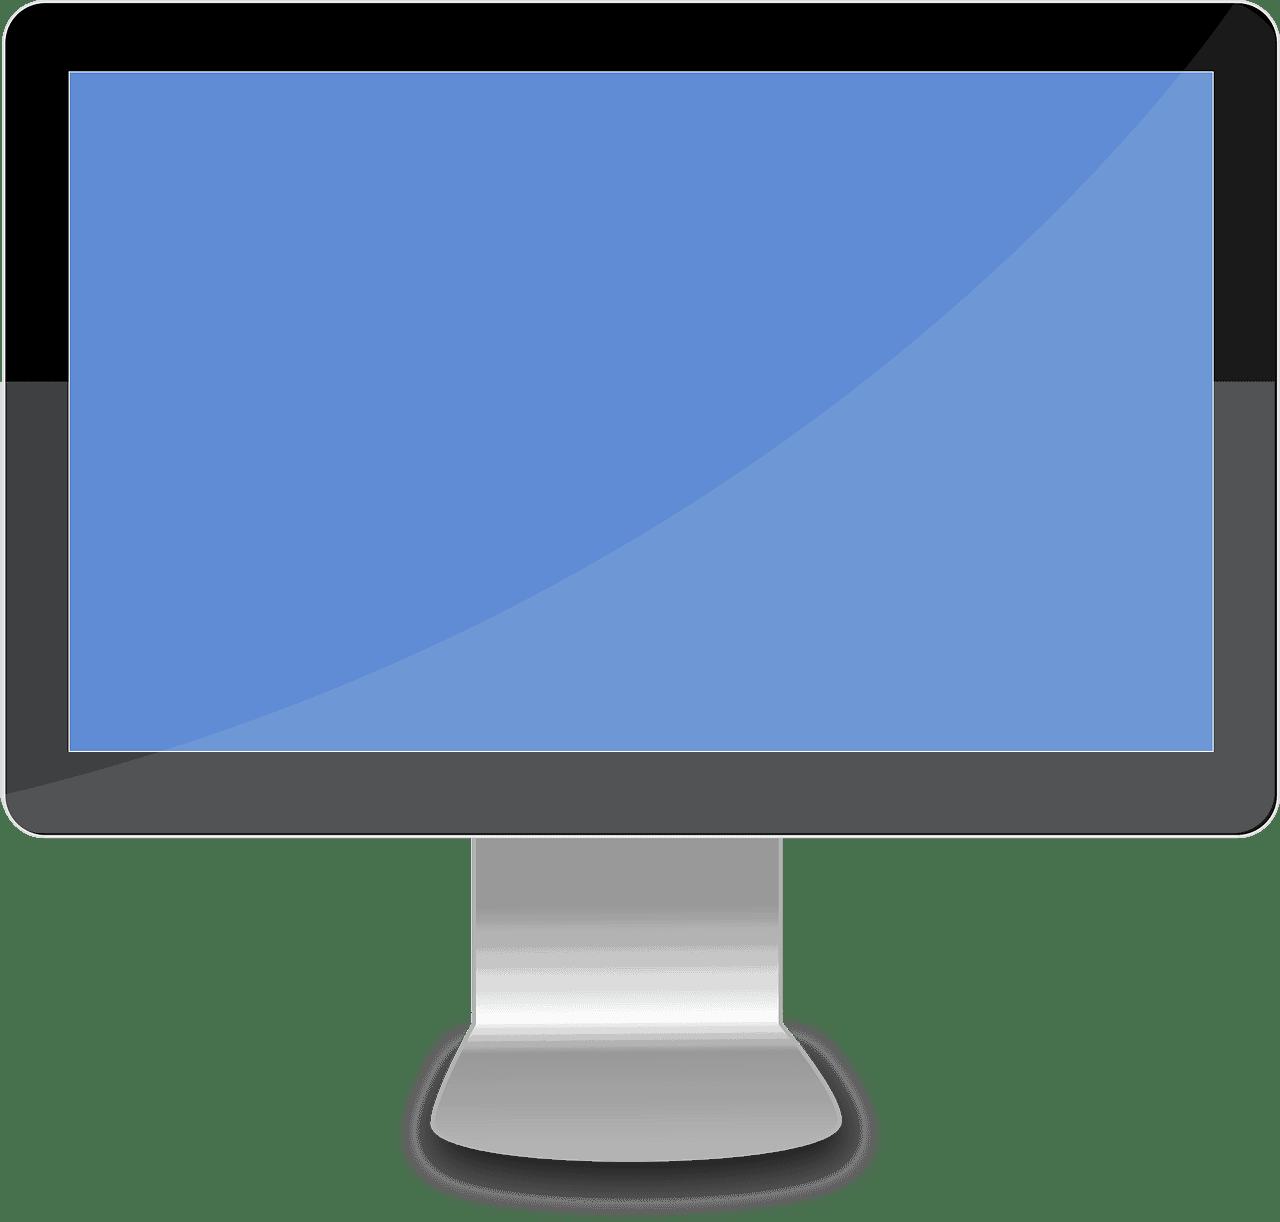 rozdzielczość ekranu monitora